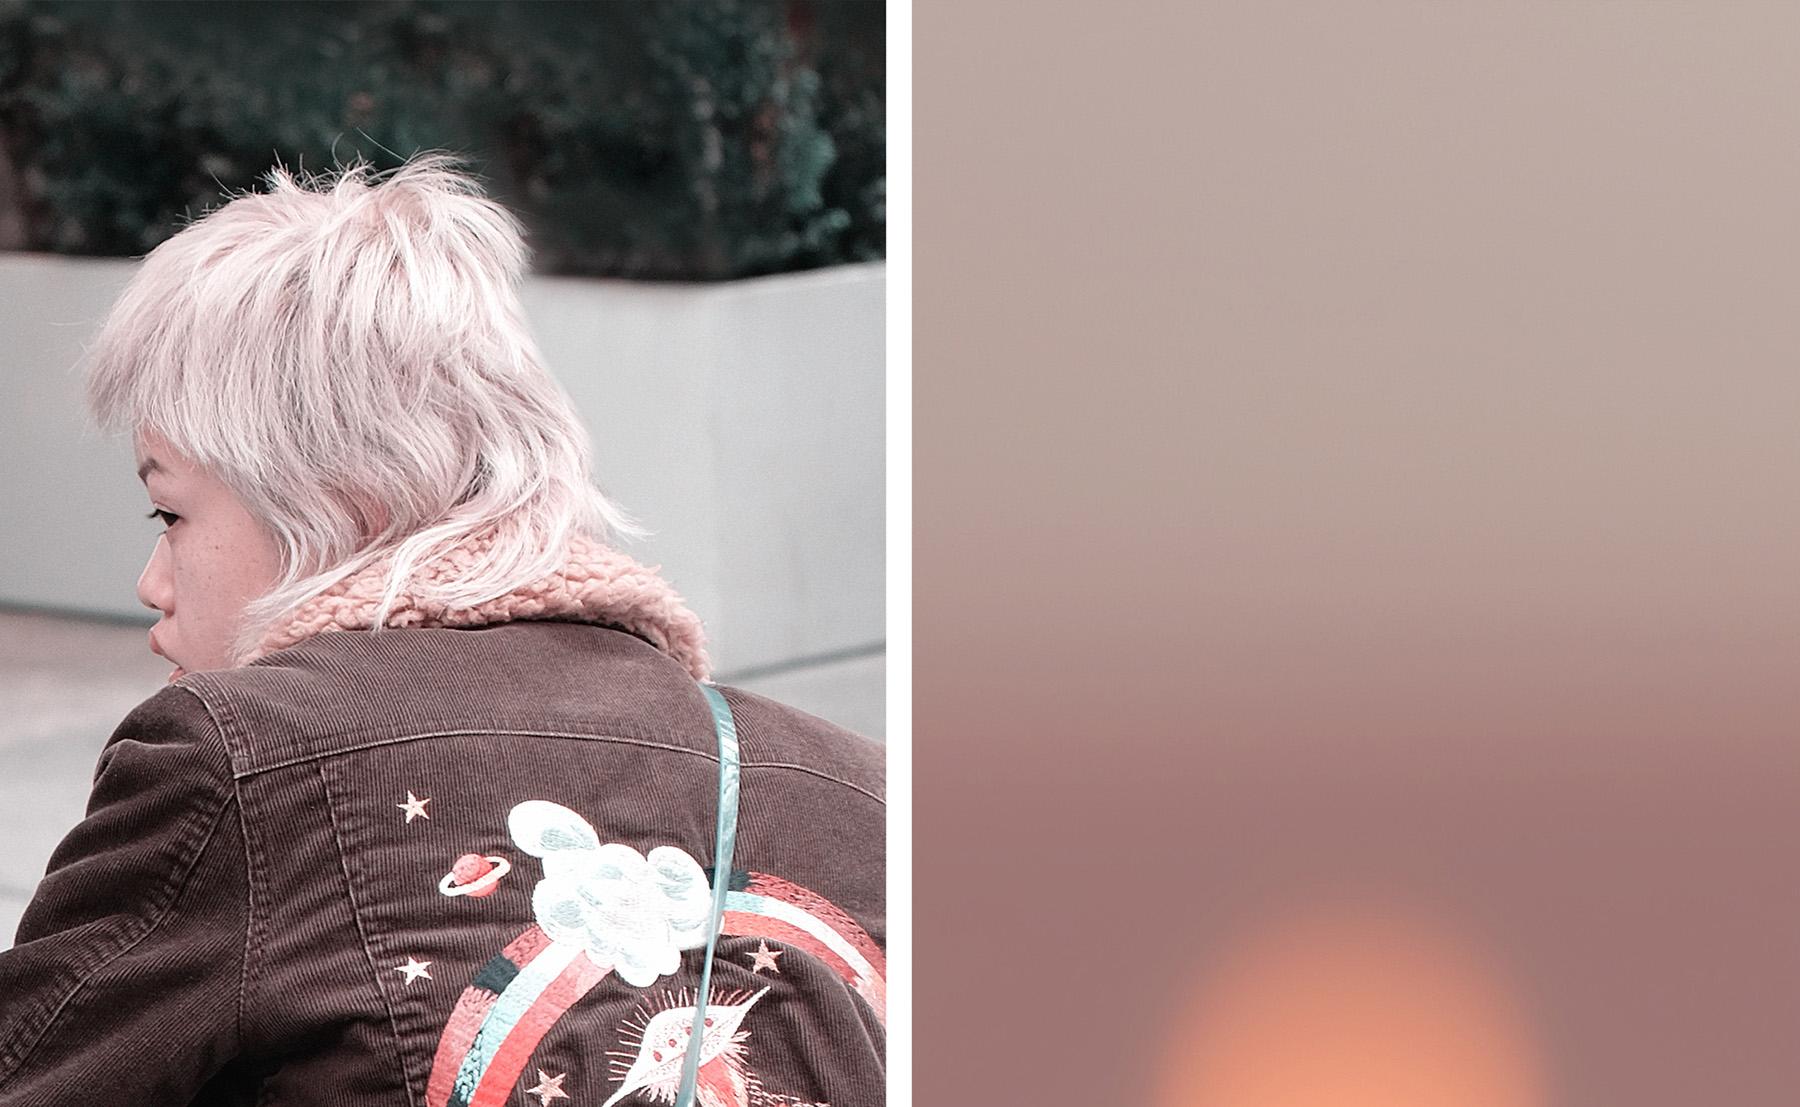 iGNANT-Photography-Robin-EK-Inner-Visions-02